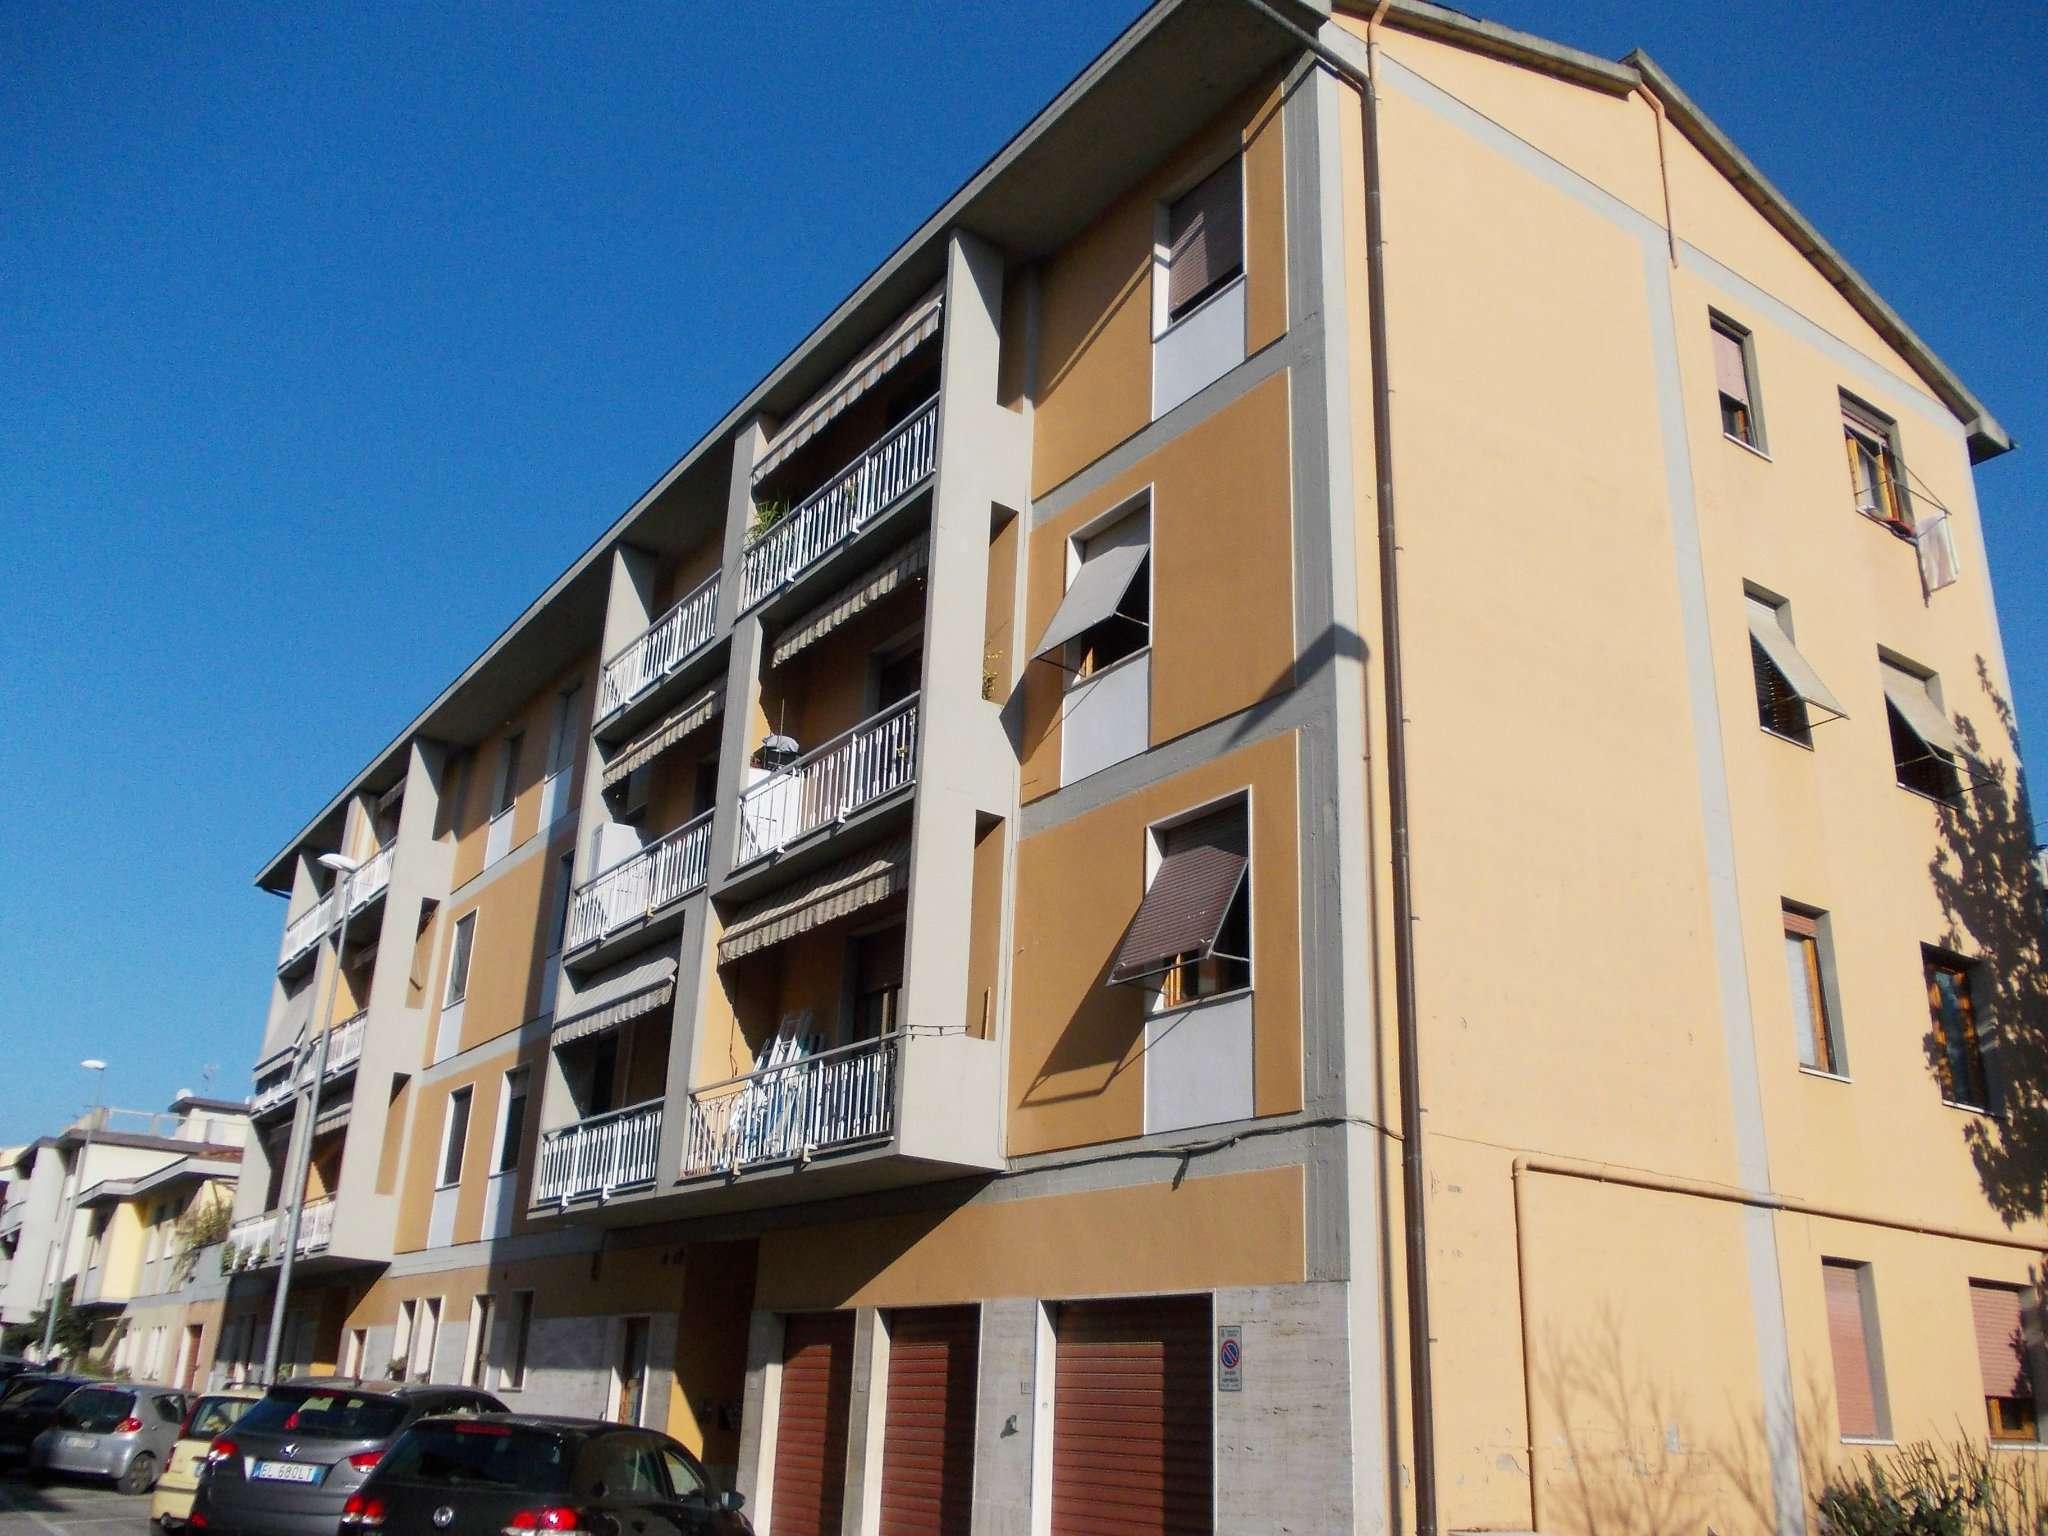 Appartamento in vendita a Rufina, 3 locali, prezzo € 128.000 | Cambio Casa.it